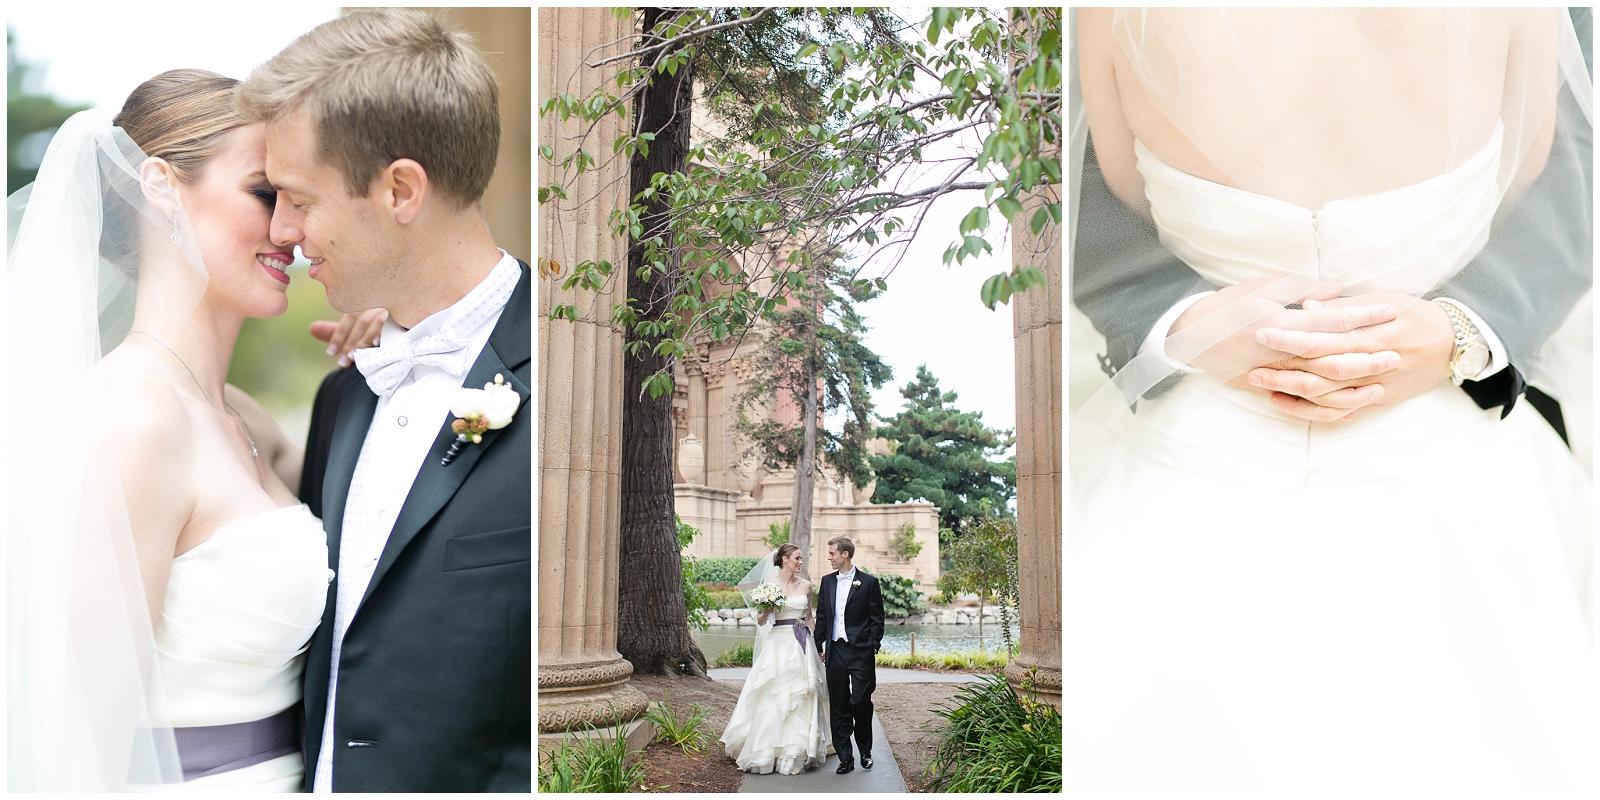 San-Francisco-Bay-Area-Wedding-Photography-Julia-Morgan-Ballroom-1.jpg